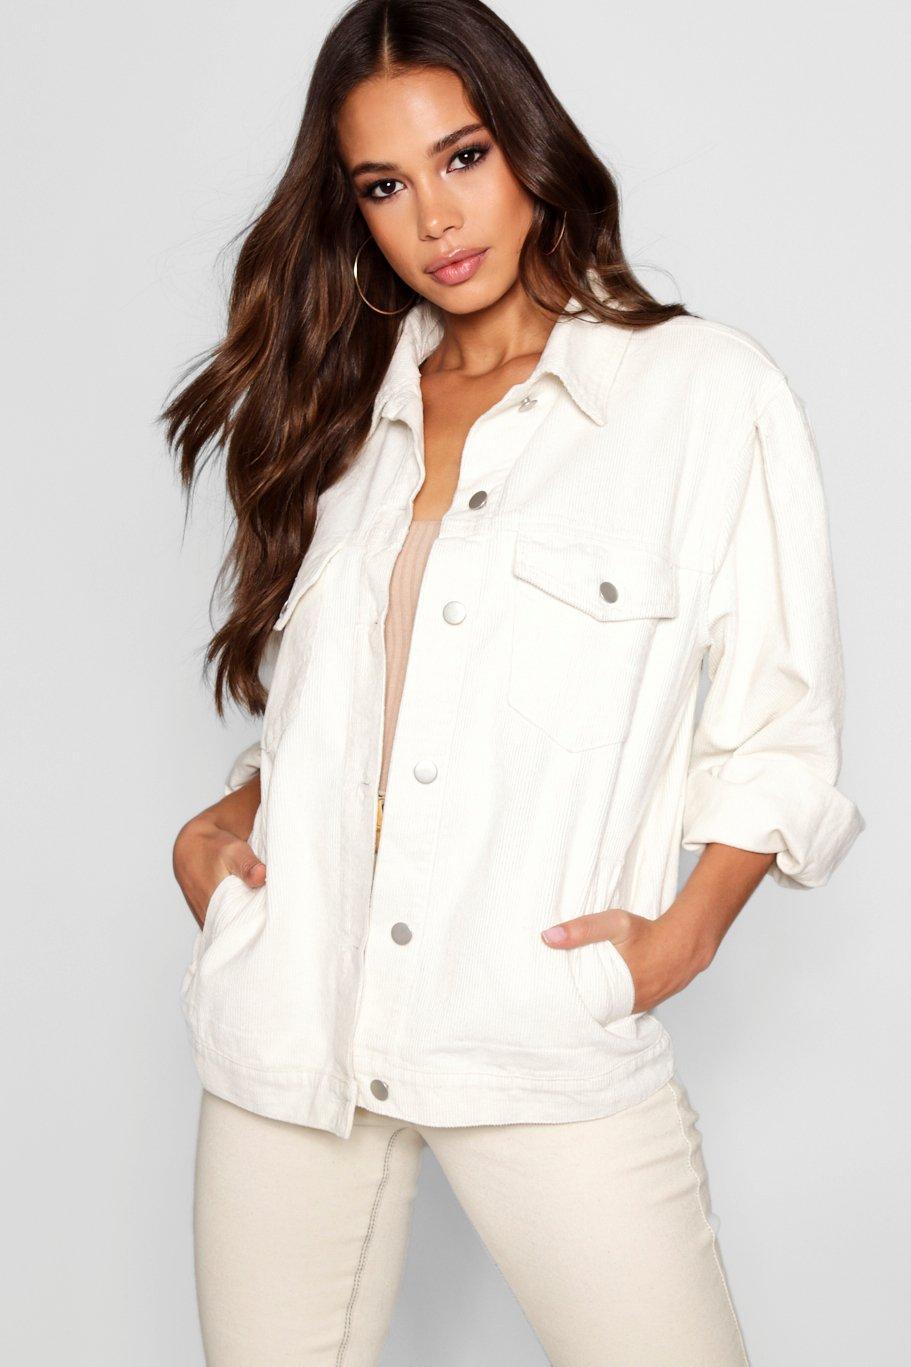 Купить Coats & Jackets, Жакет свободного размера из коллекции <Tall>, boohoo